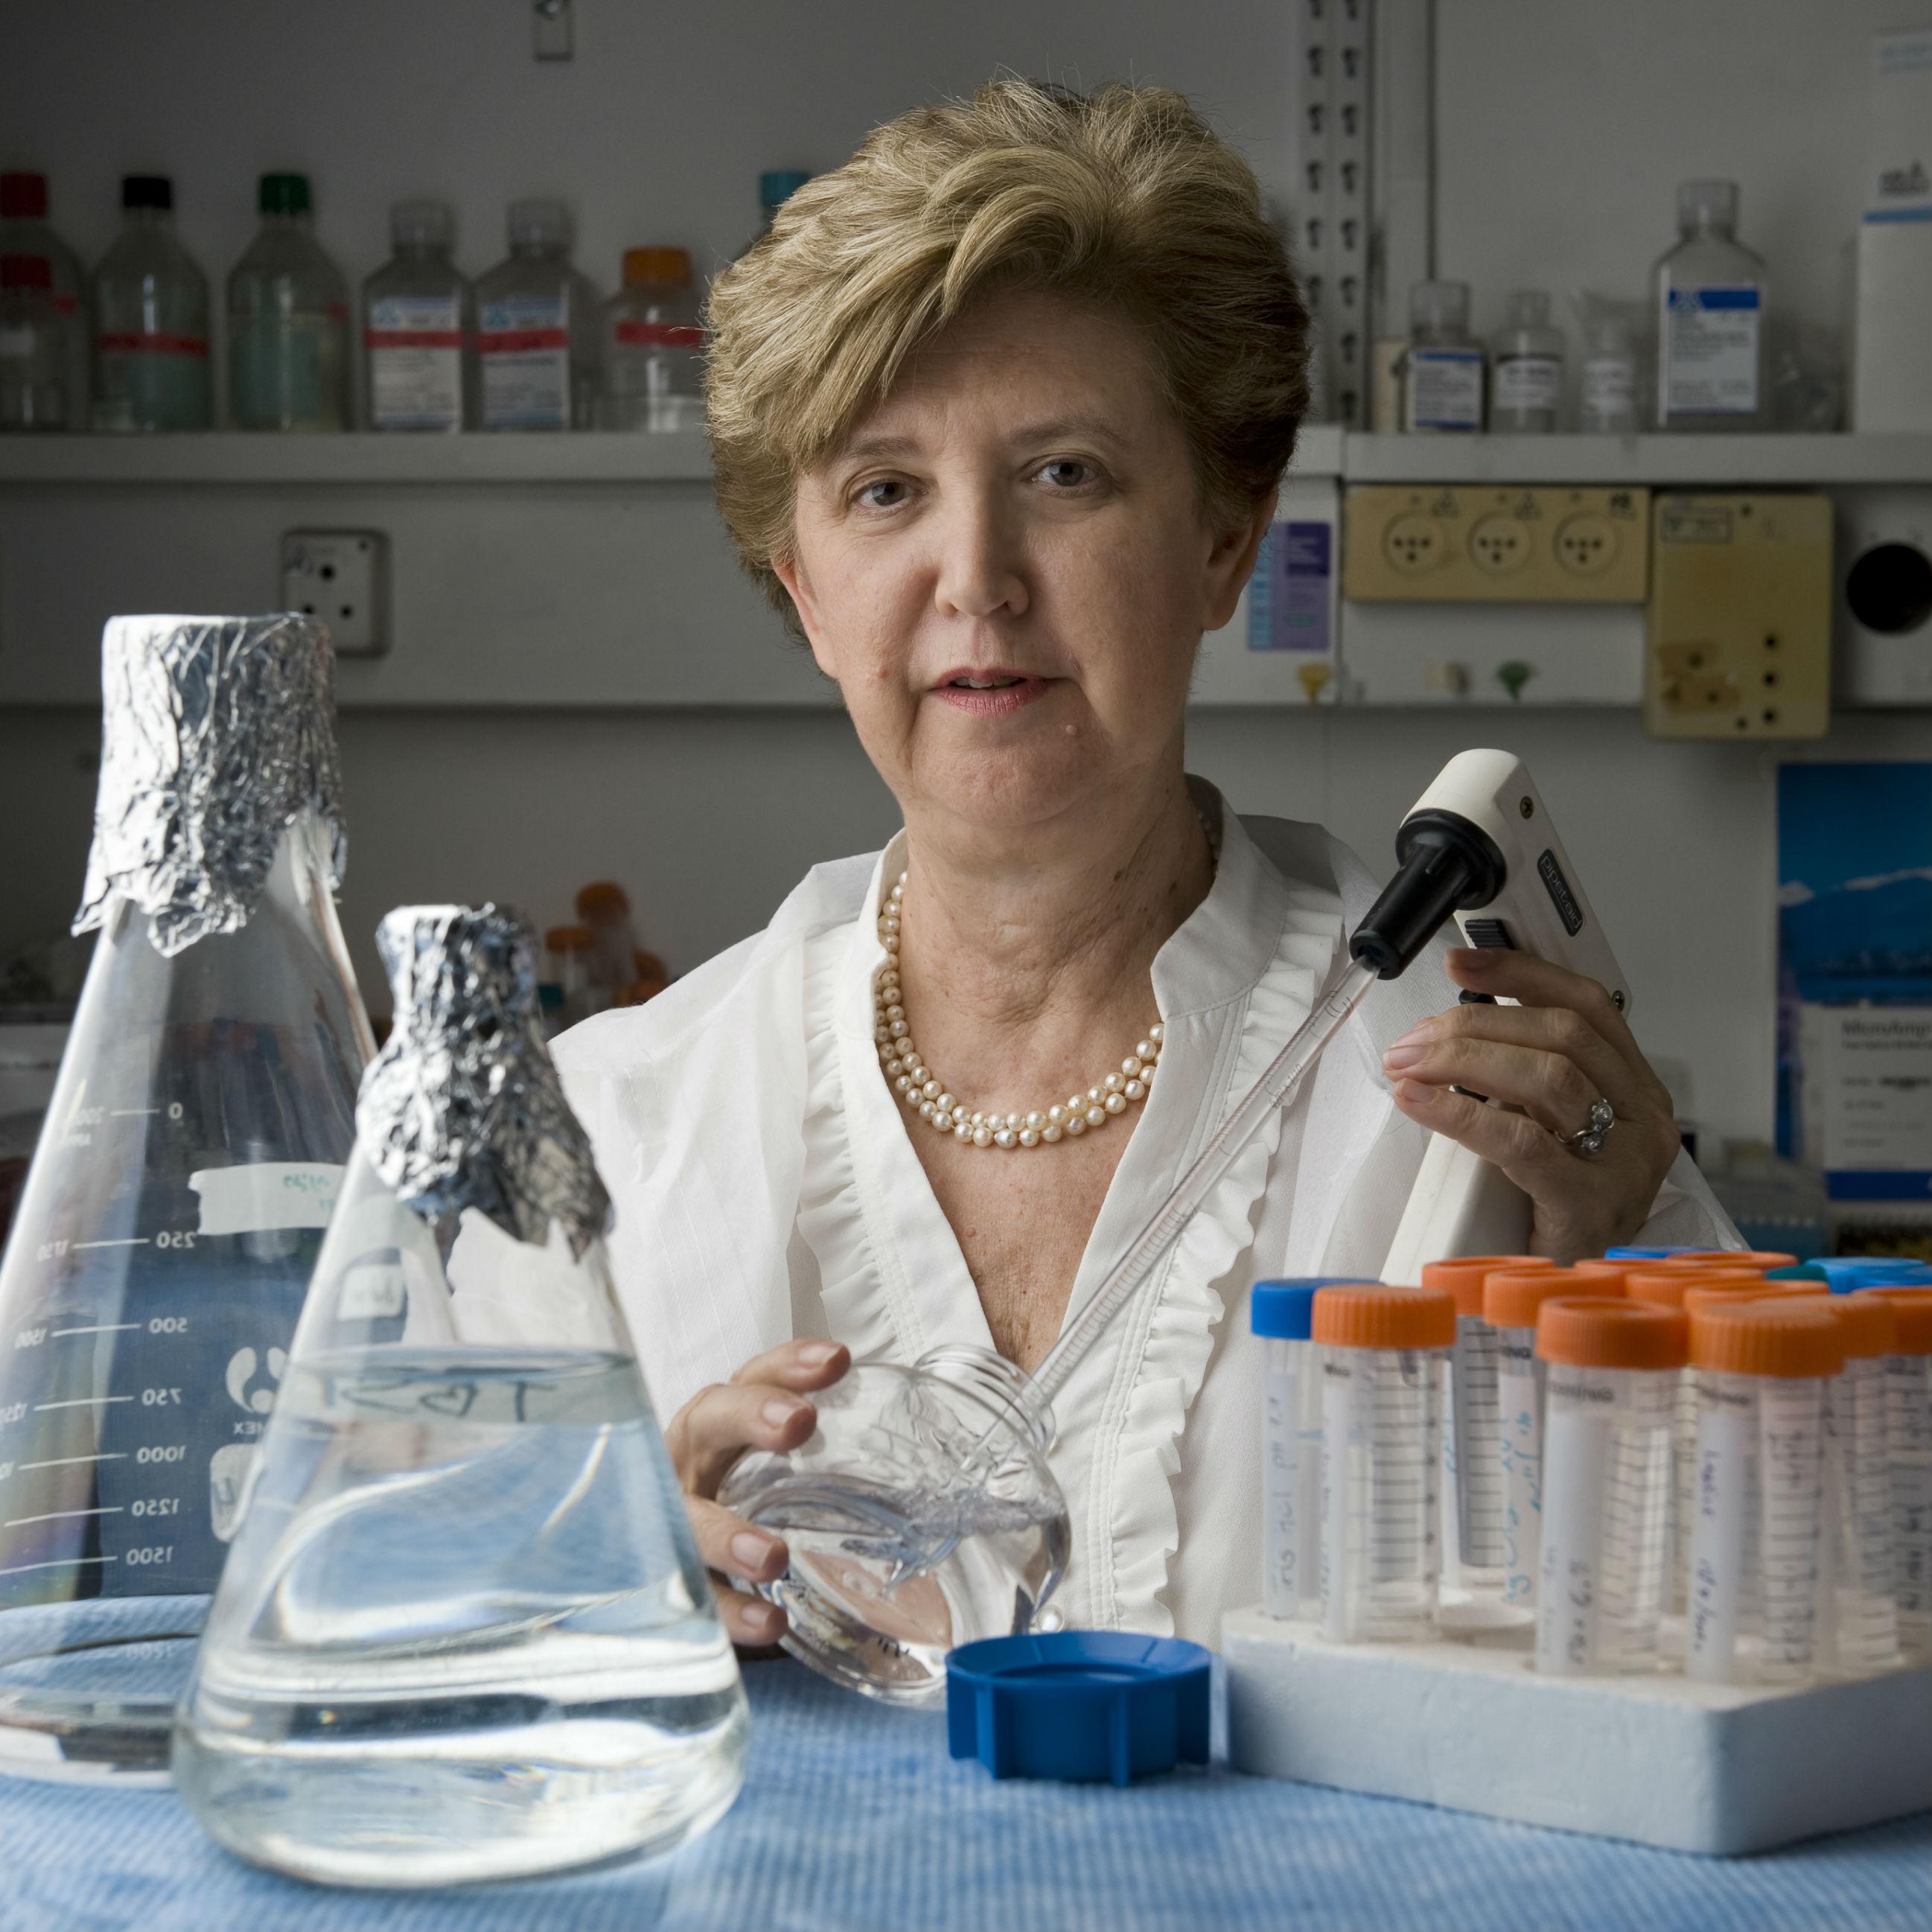 פרופ' אילנה גוזס זכתה בפרס יוקרתי מטעם קרן הומבולדט הגרמנית